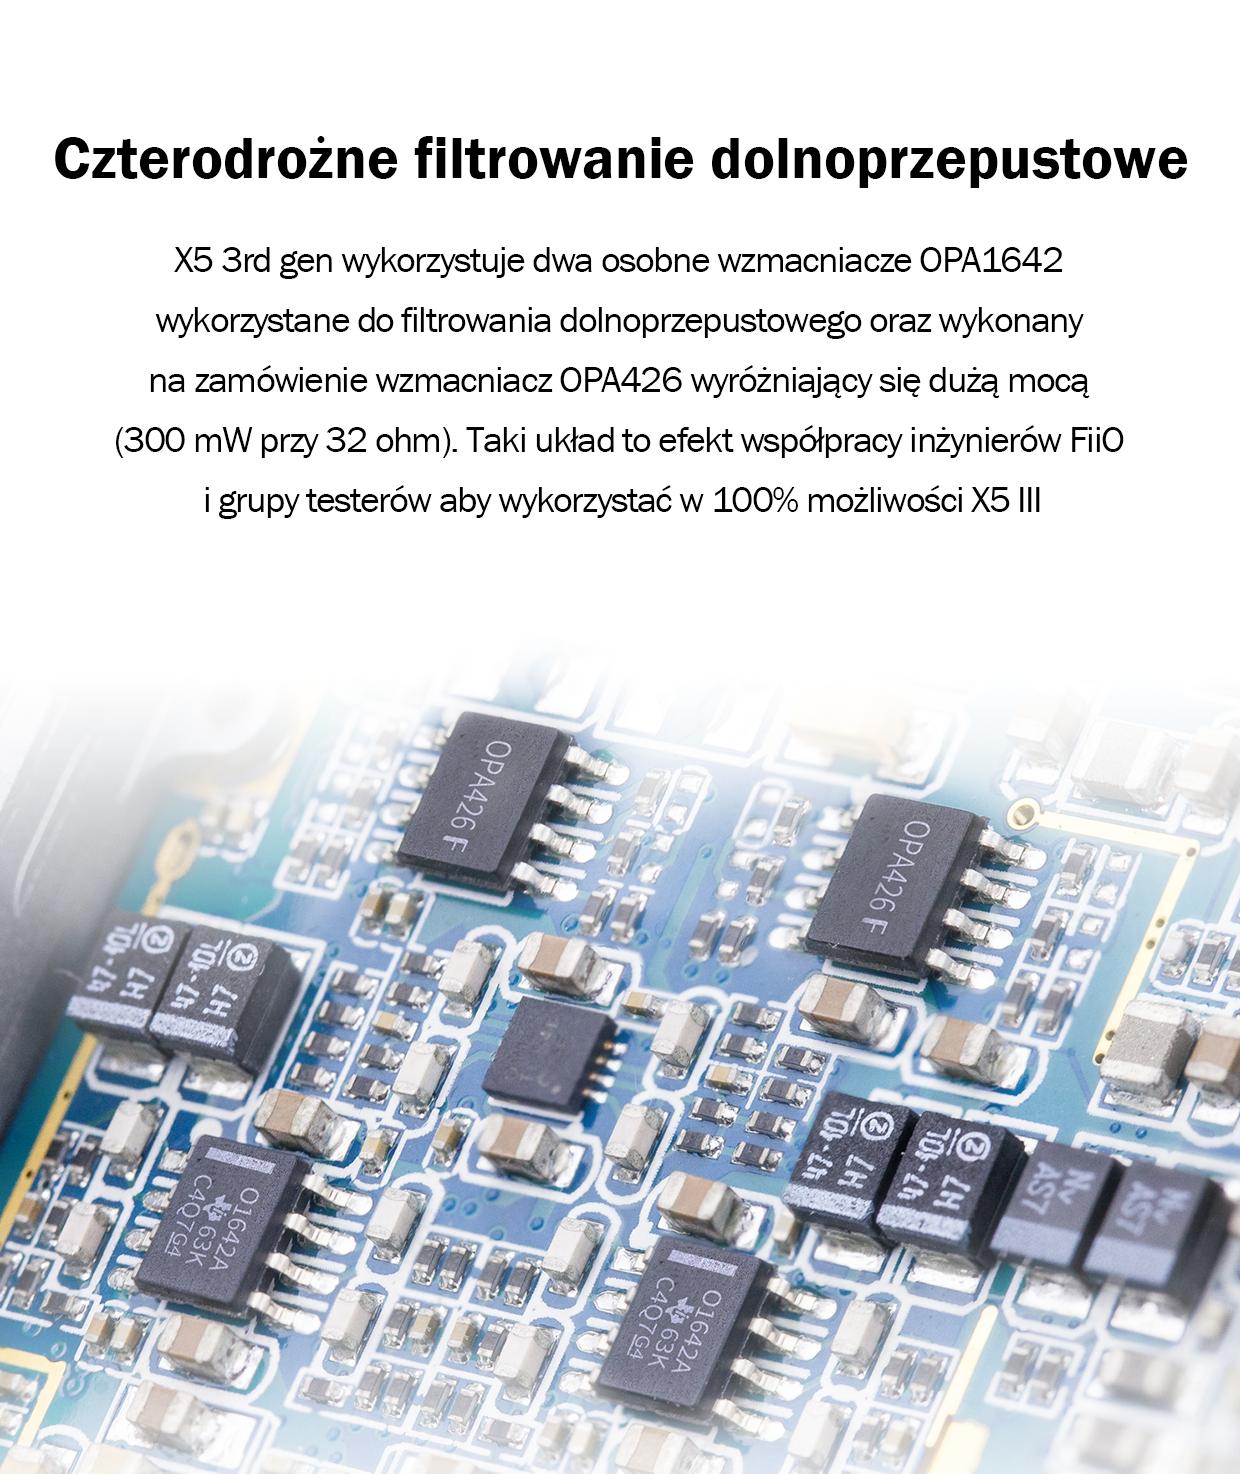 X5 3rd gen wykorzystuje dwa osobne wzmacniacze OPA1642 wykorzystane do filtrowania dolnoprzepustowego oraz wykonany na zamówienie wzmacniacz OPA426 wyróżniający się dużą mocą (300 mW przy 32 ohm). Taki układ to efekt współpracy inżynierów FiiO i grupy testerów aby wykorzystać w 100% możliwości X5 III